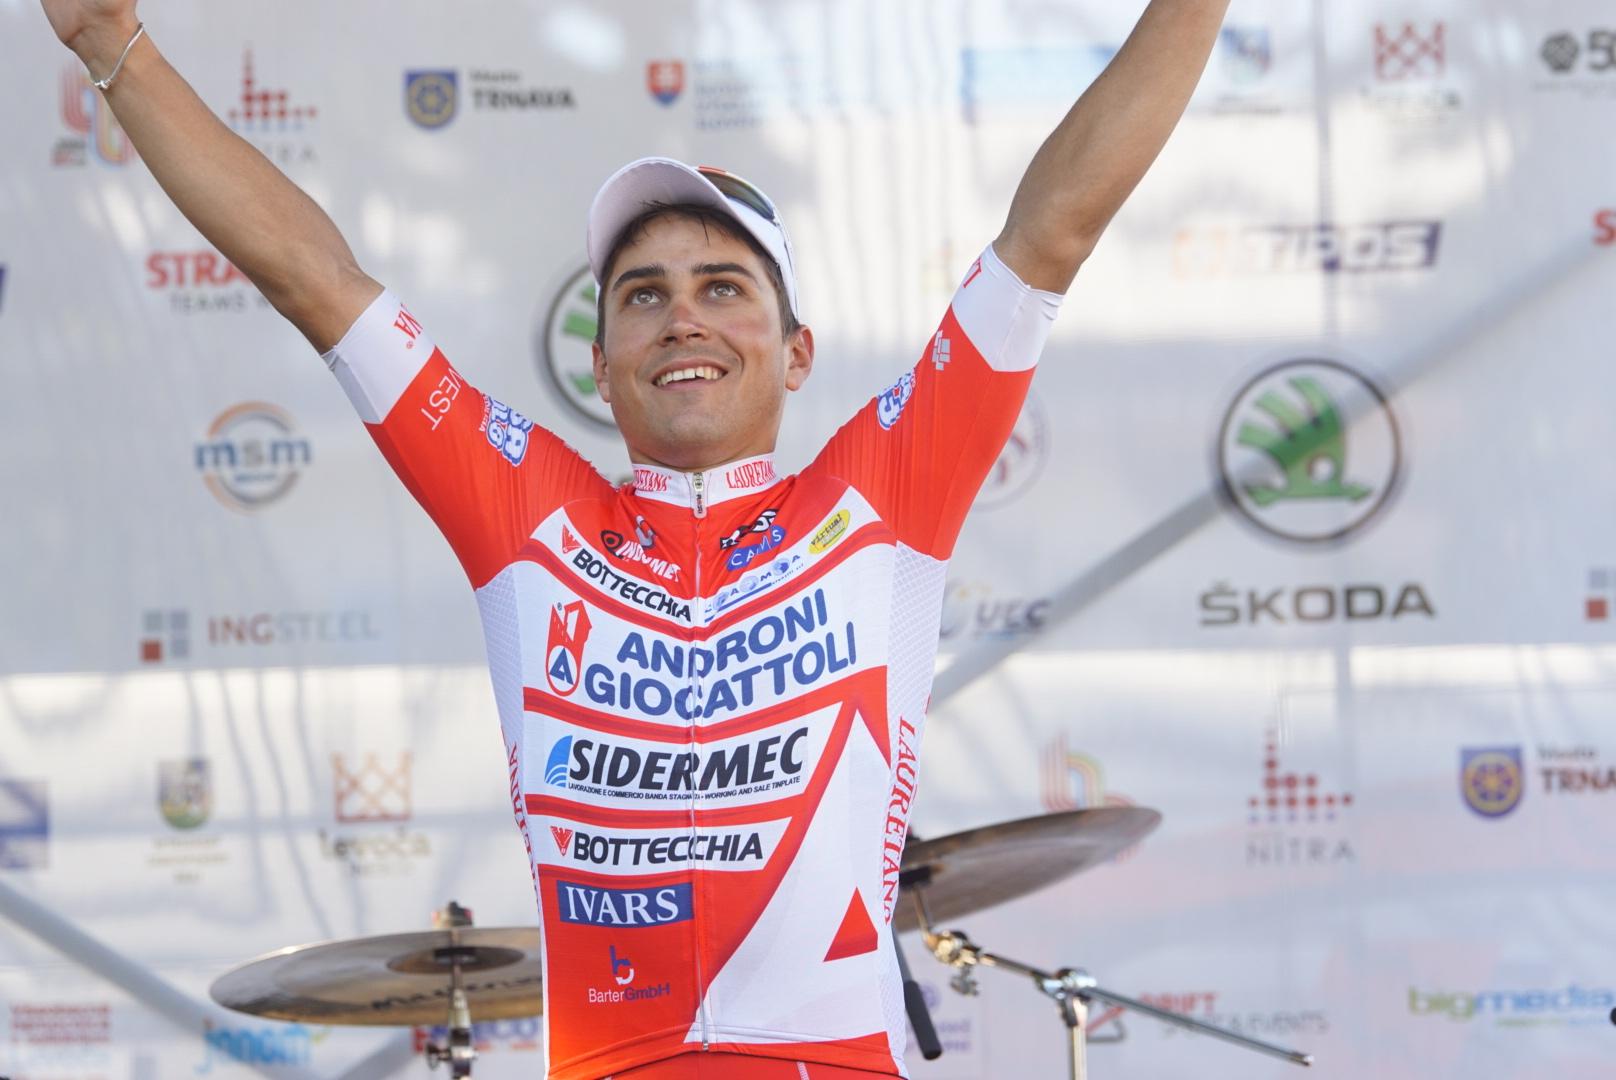 Matteo Malucelli vincitore della seconda tappa del Tour de Slovaquie 2017